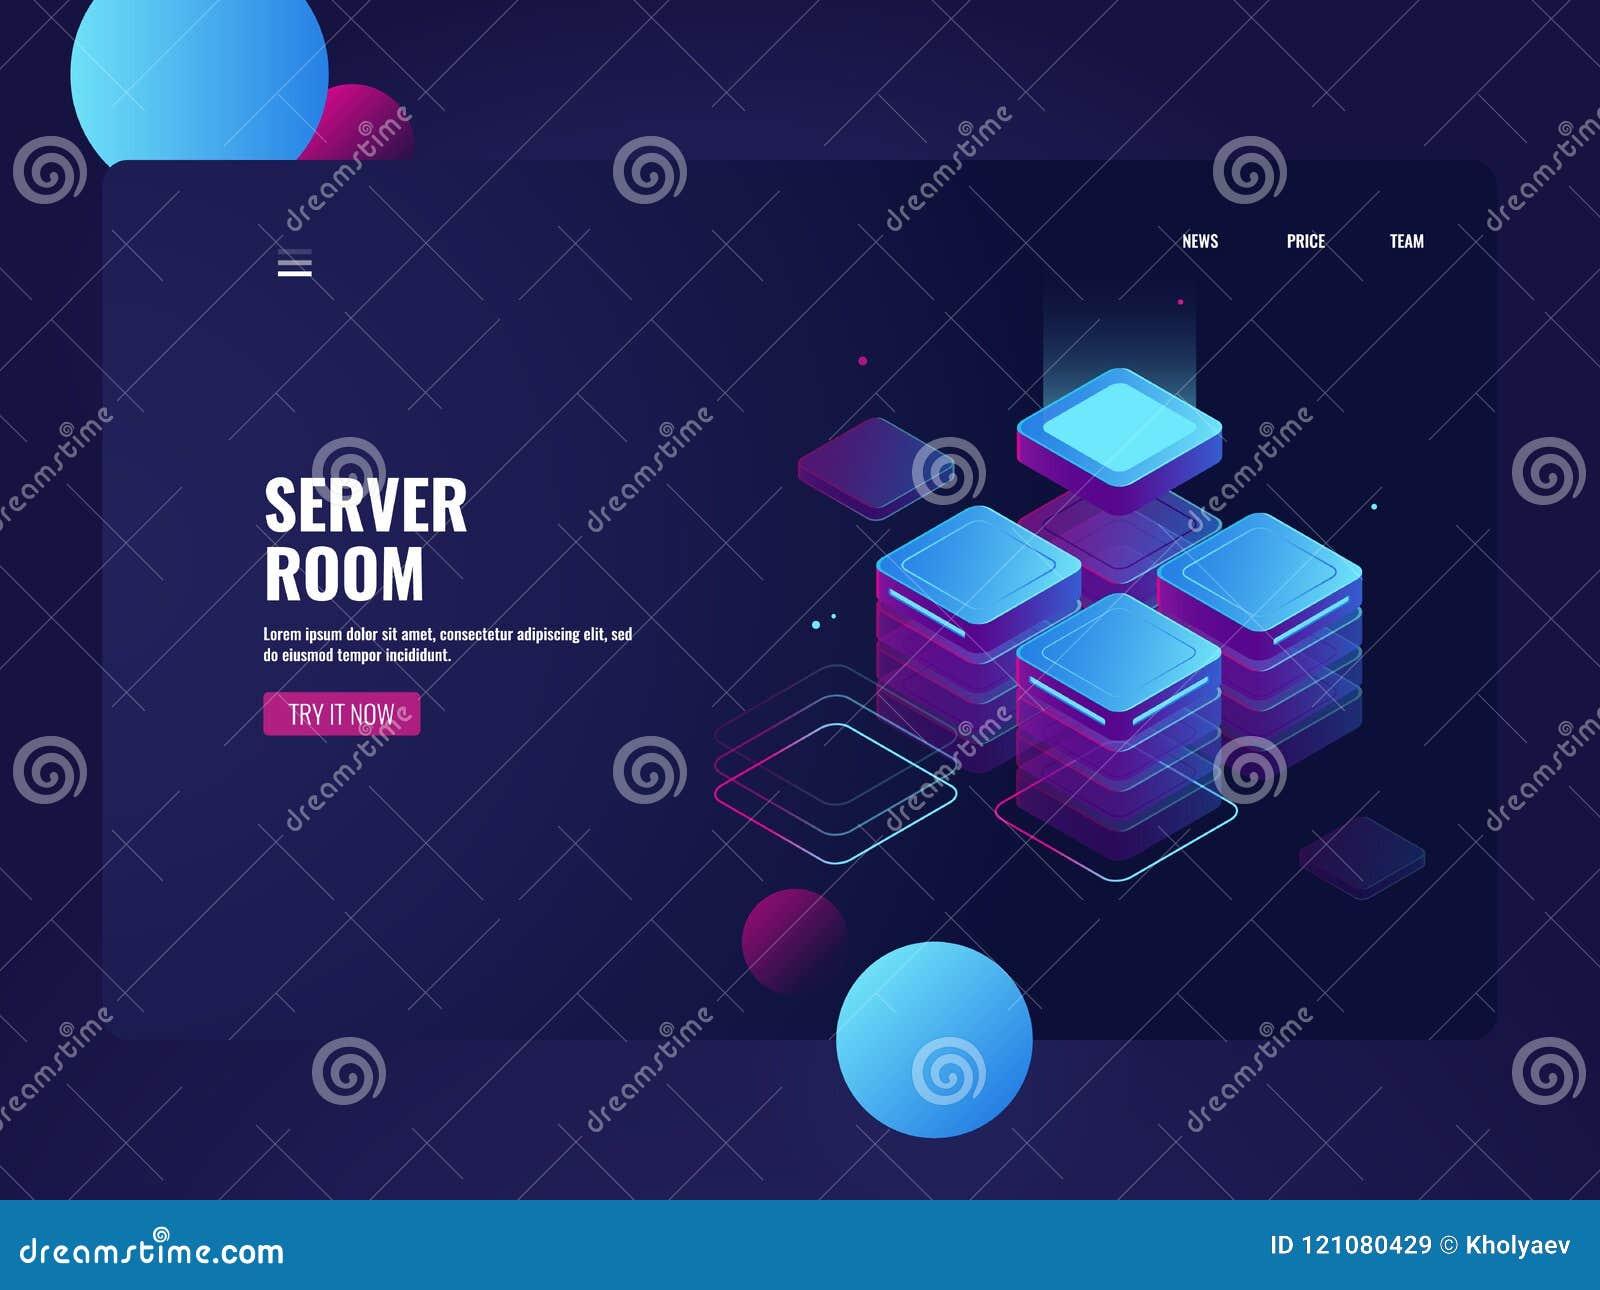 Sitio de servidor de red y vector isométrico del datacenter, almacenamiento de datos de la nube, procesando datos grandes, objeto